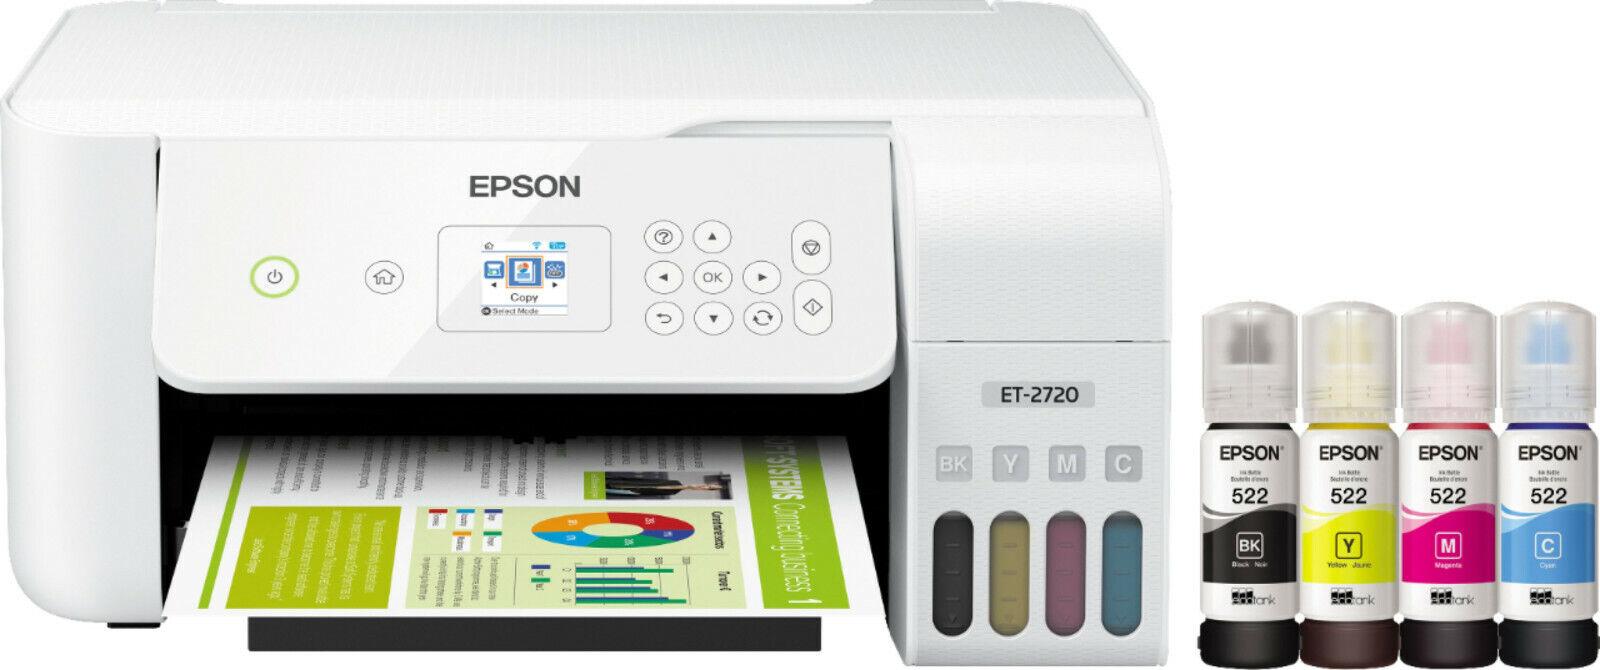 Brand New Epson EcoTank ET-2720 Wireless All-In-One Inkjet Printer - White